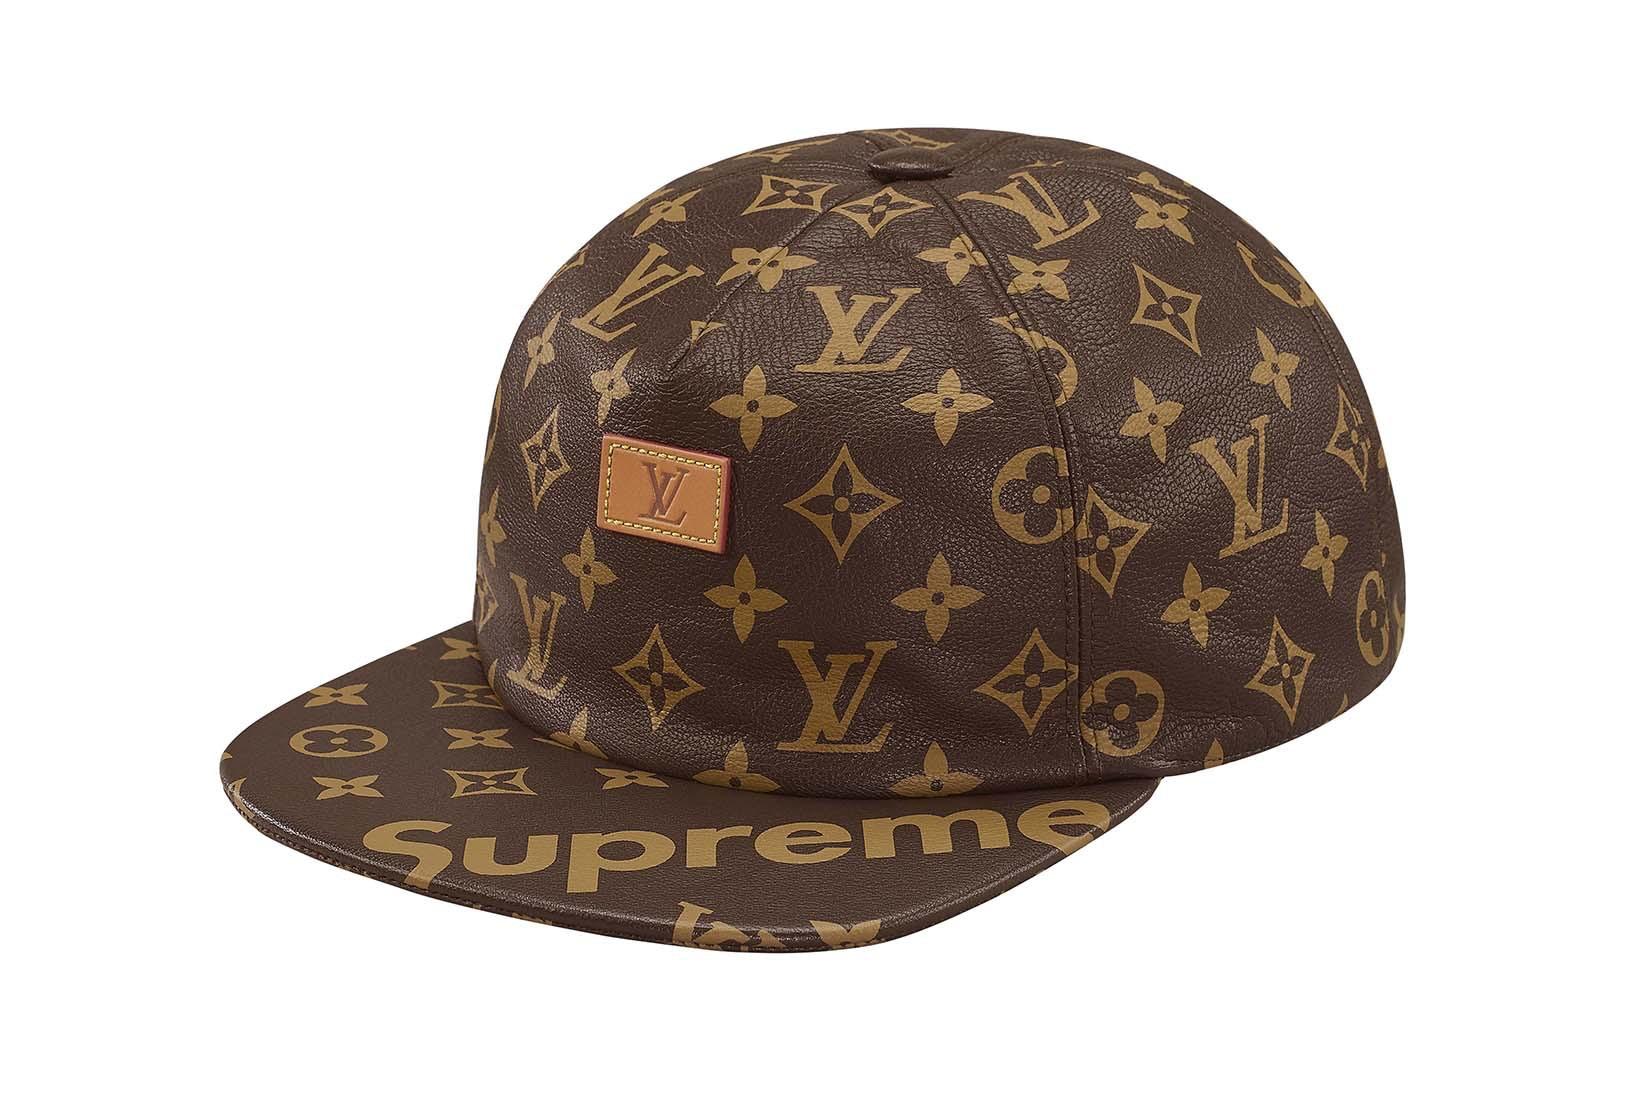 Supreme(シュプリーム)×Louis Vuitton(ルイ・ヴィトン) / 5パネル ハット(5-Panel Hat)